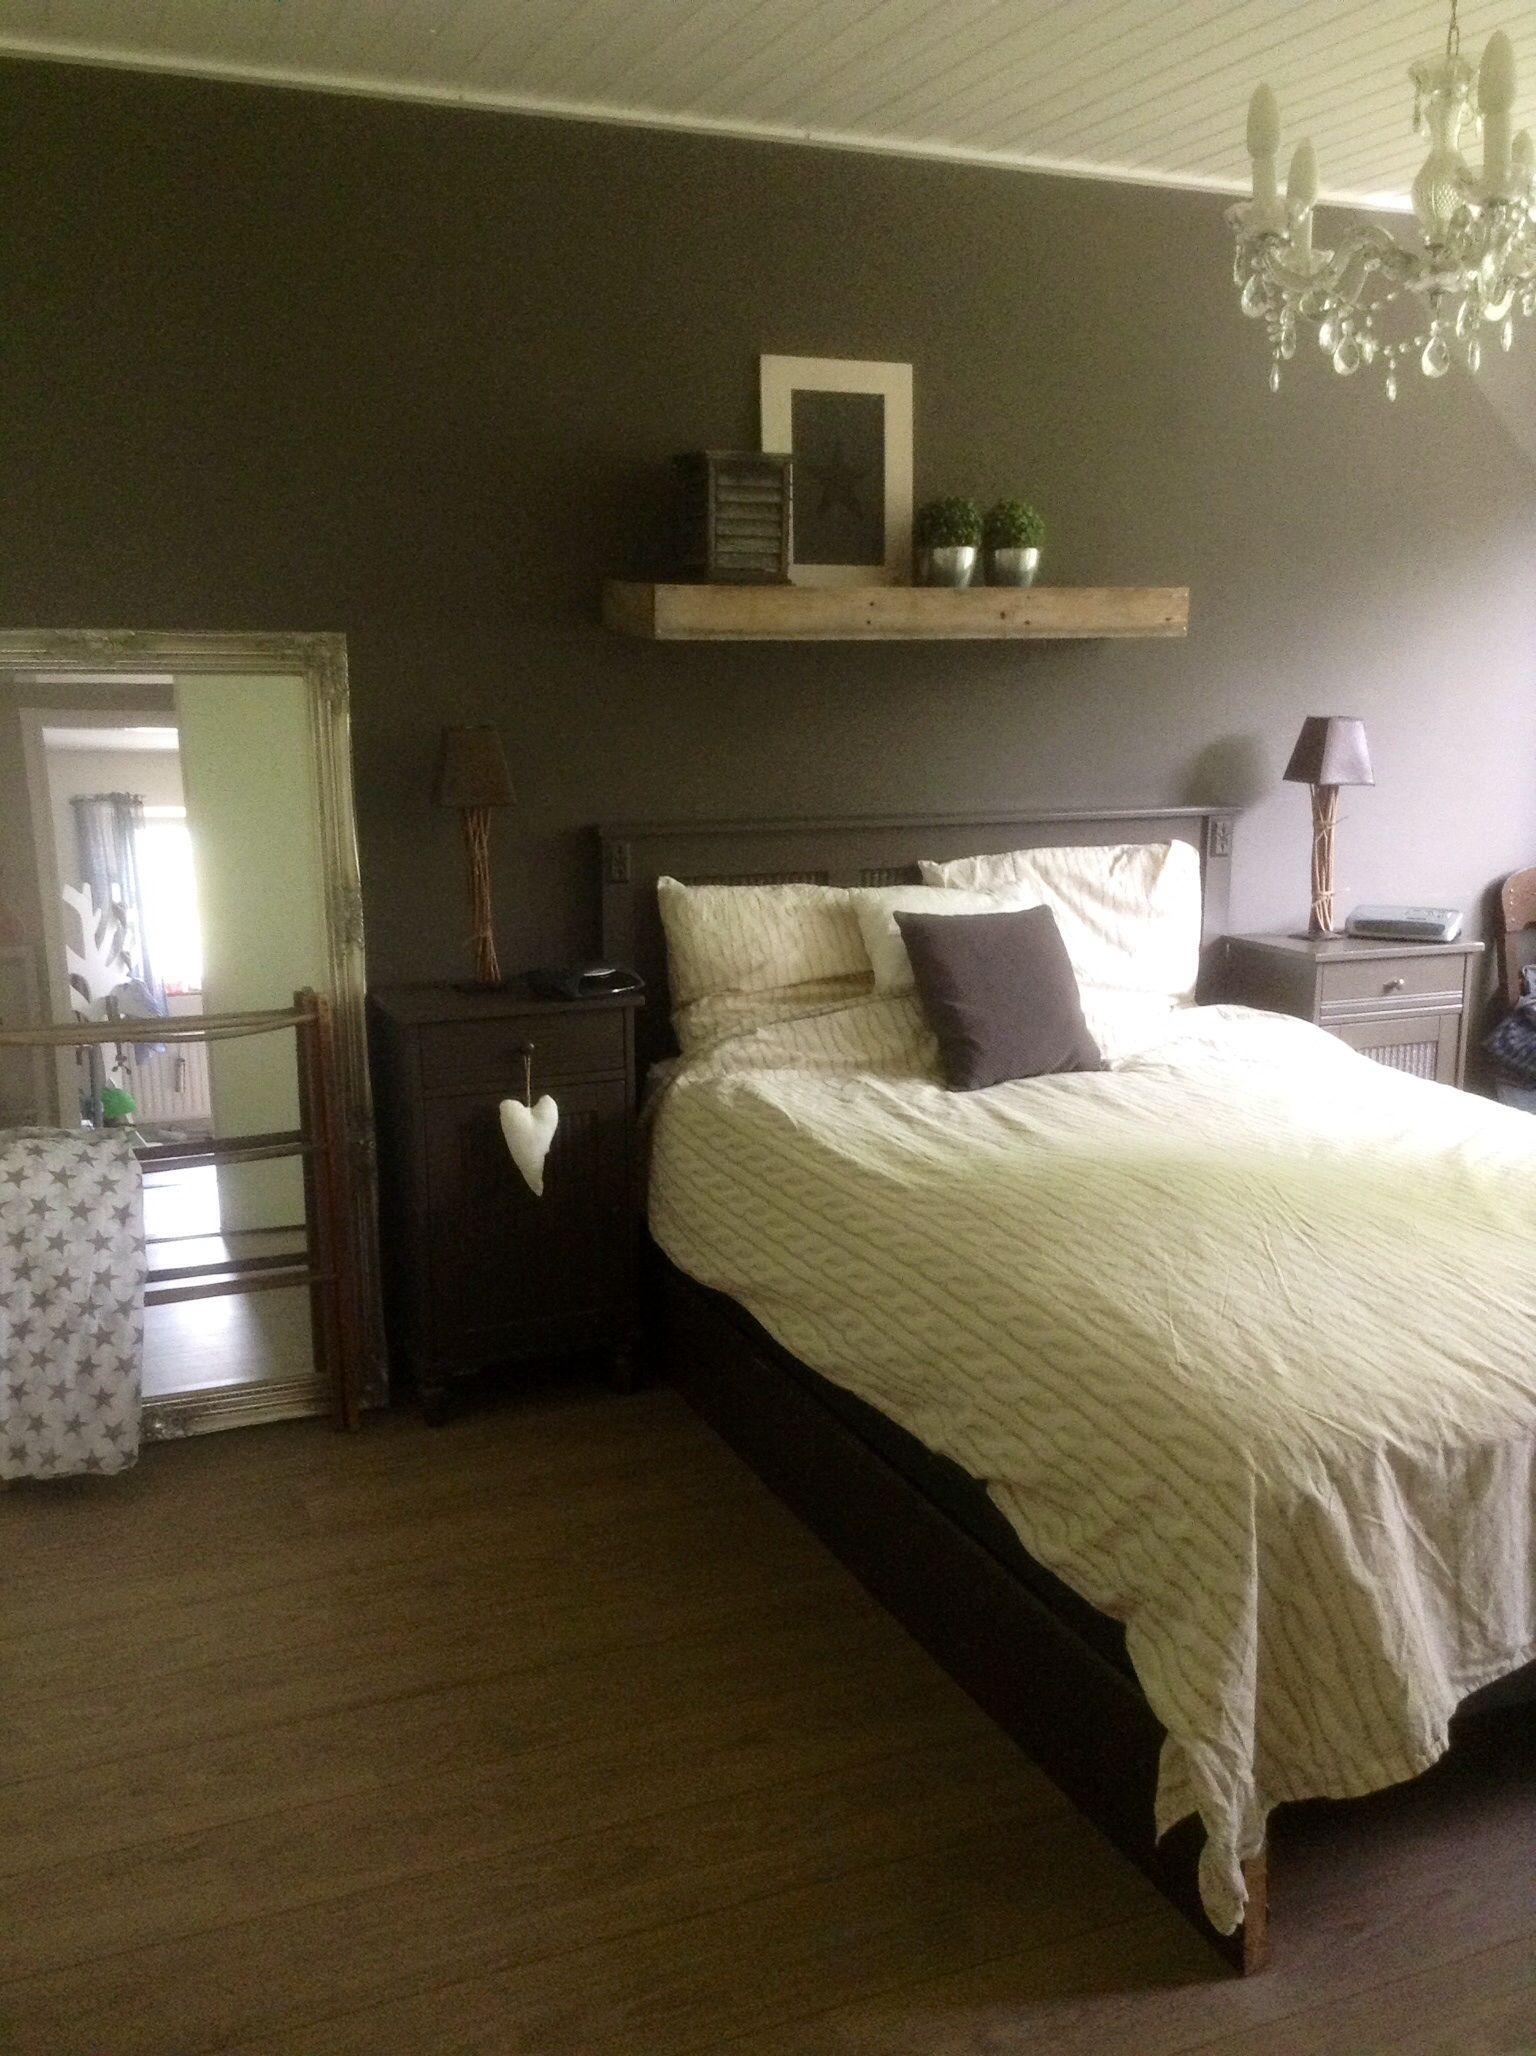 Slaapkamer landelijke sfeer | The Homeplace | Pinterest | Bedrooms ...